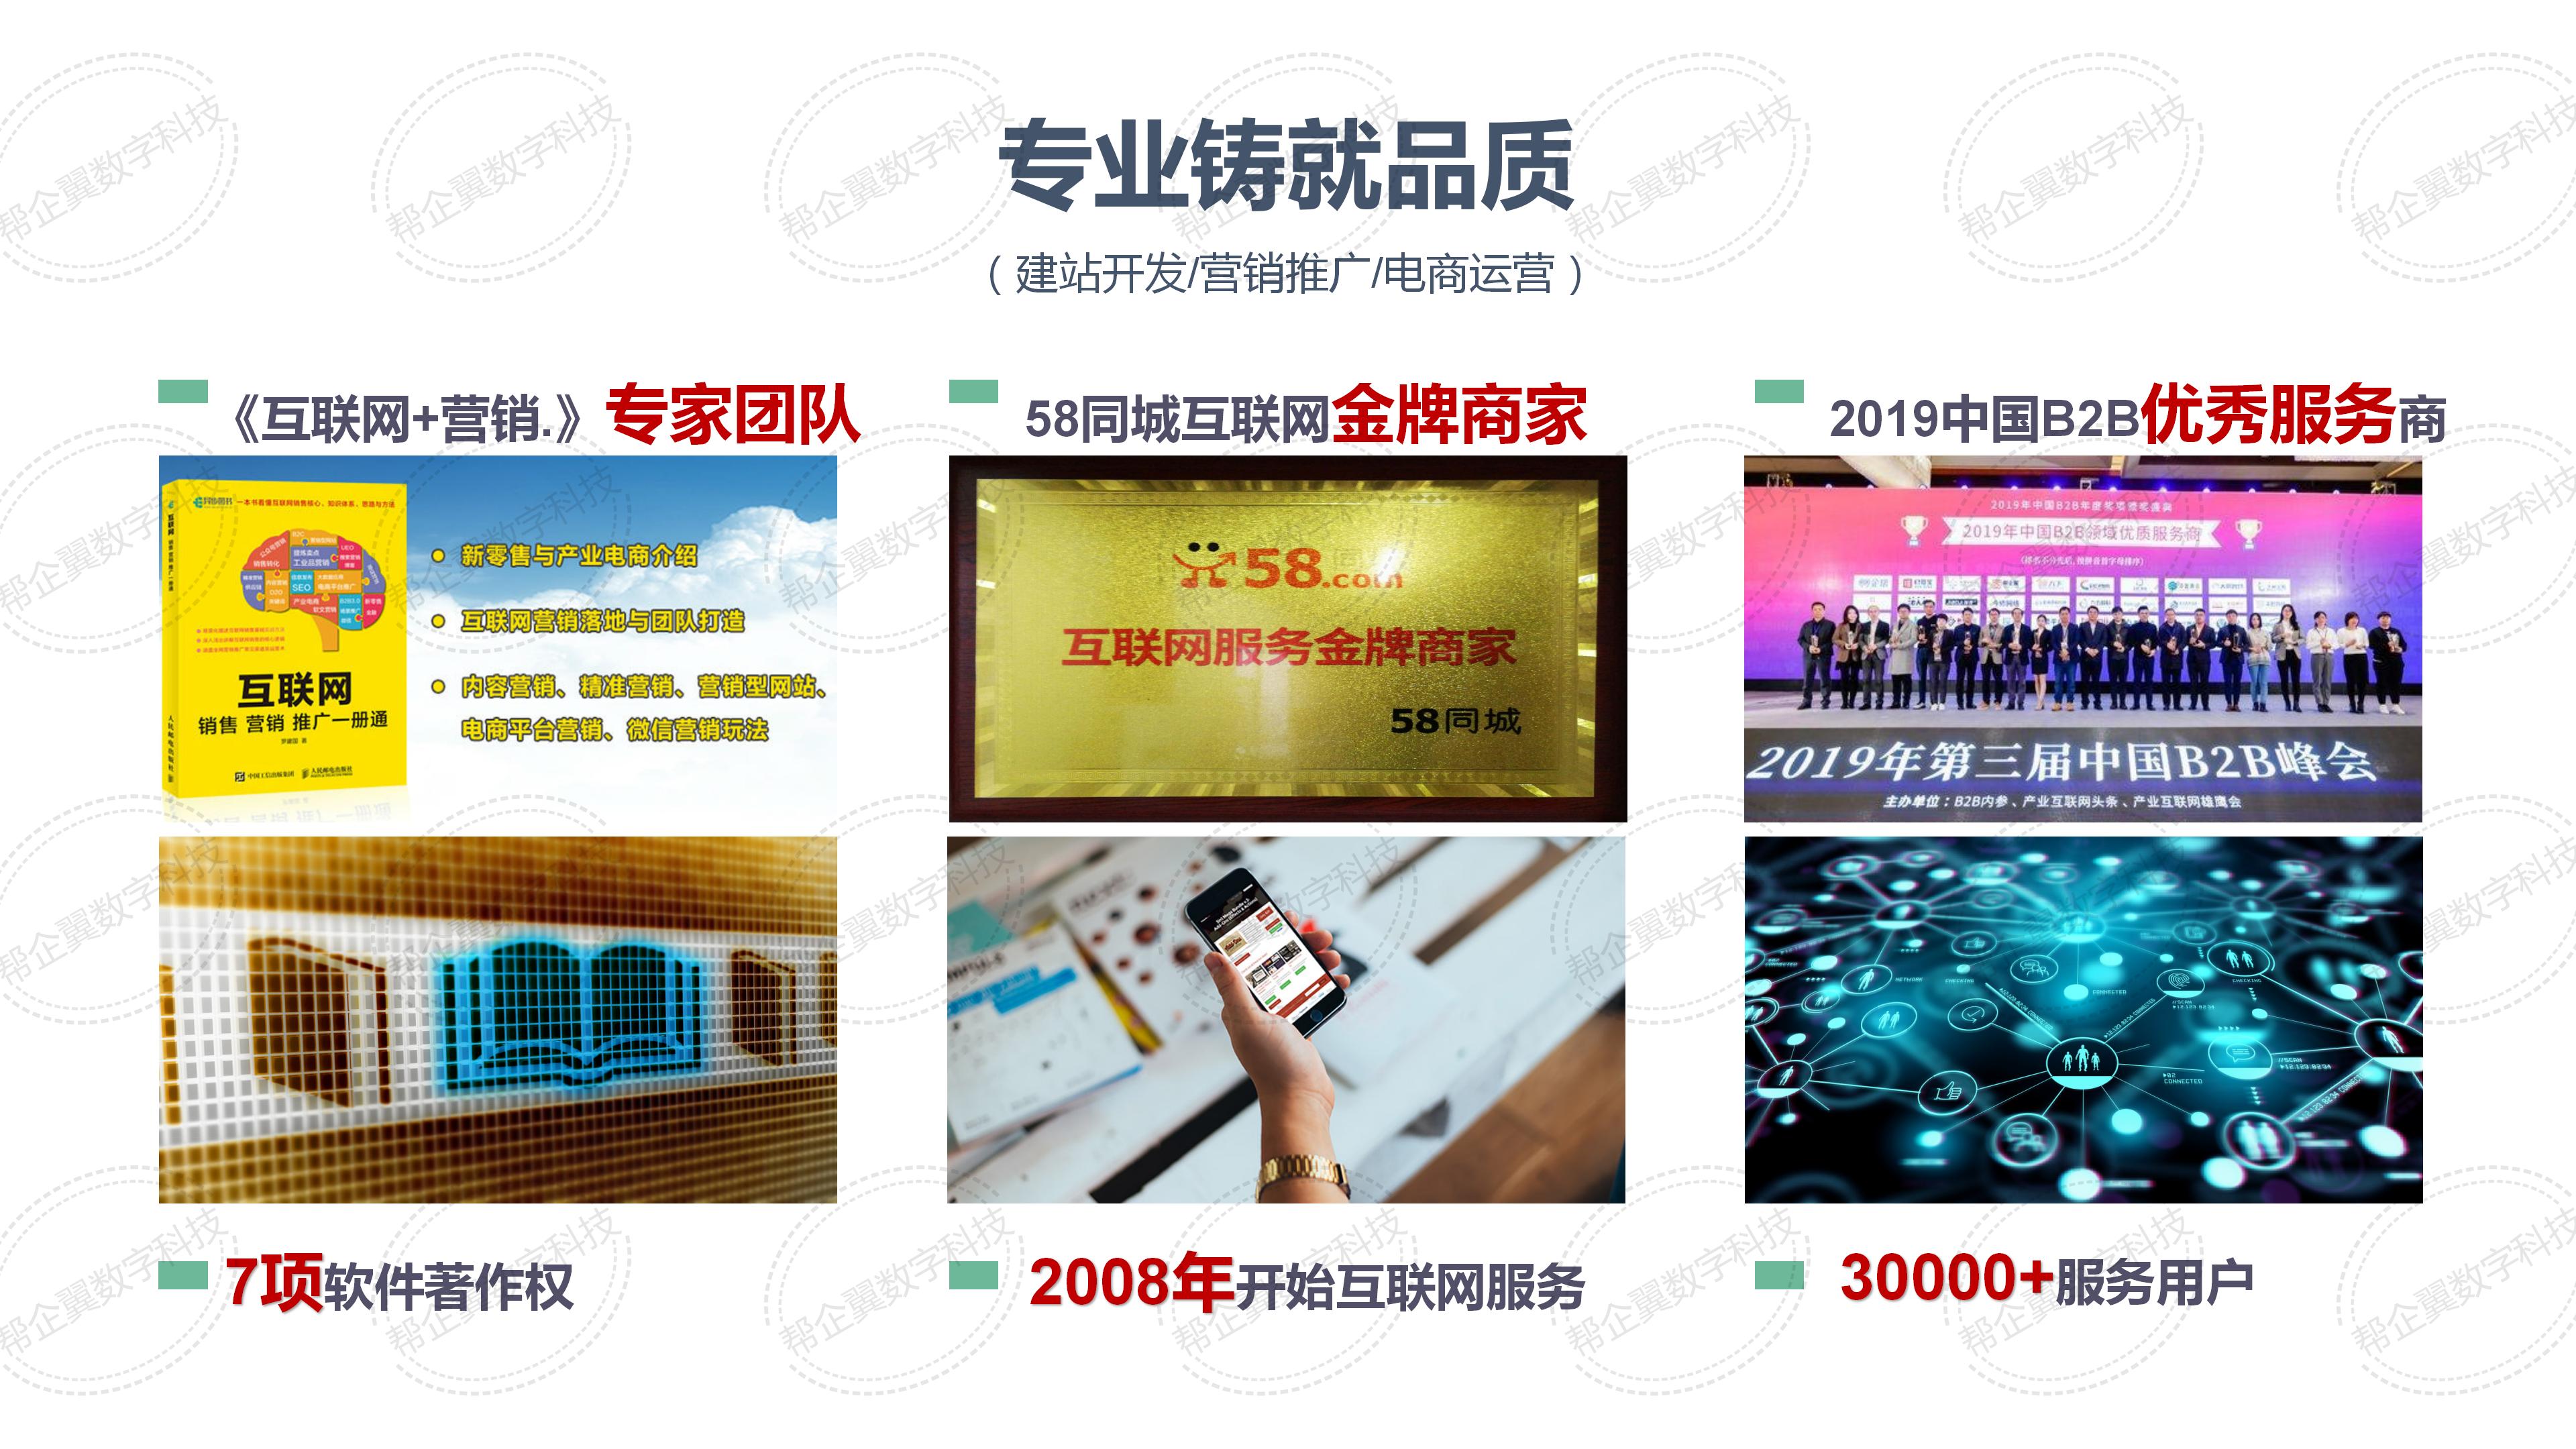 企业云官网,翼云店官网,企业网站建设,移动端旺铺(图2)